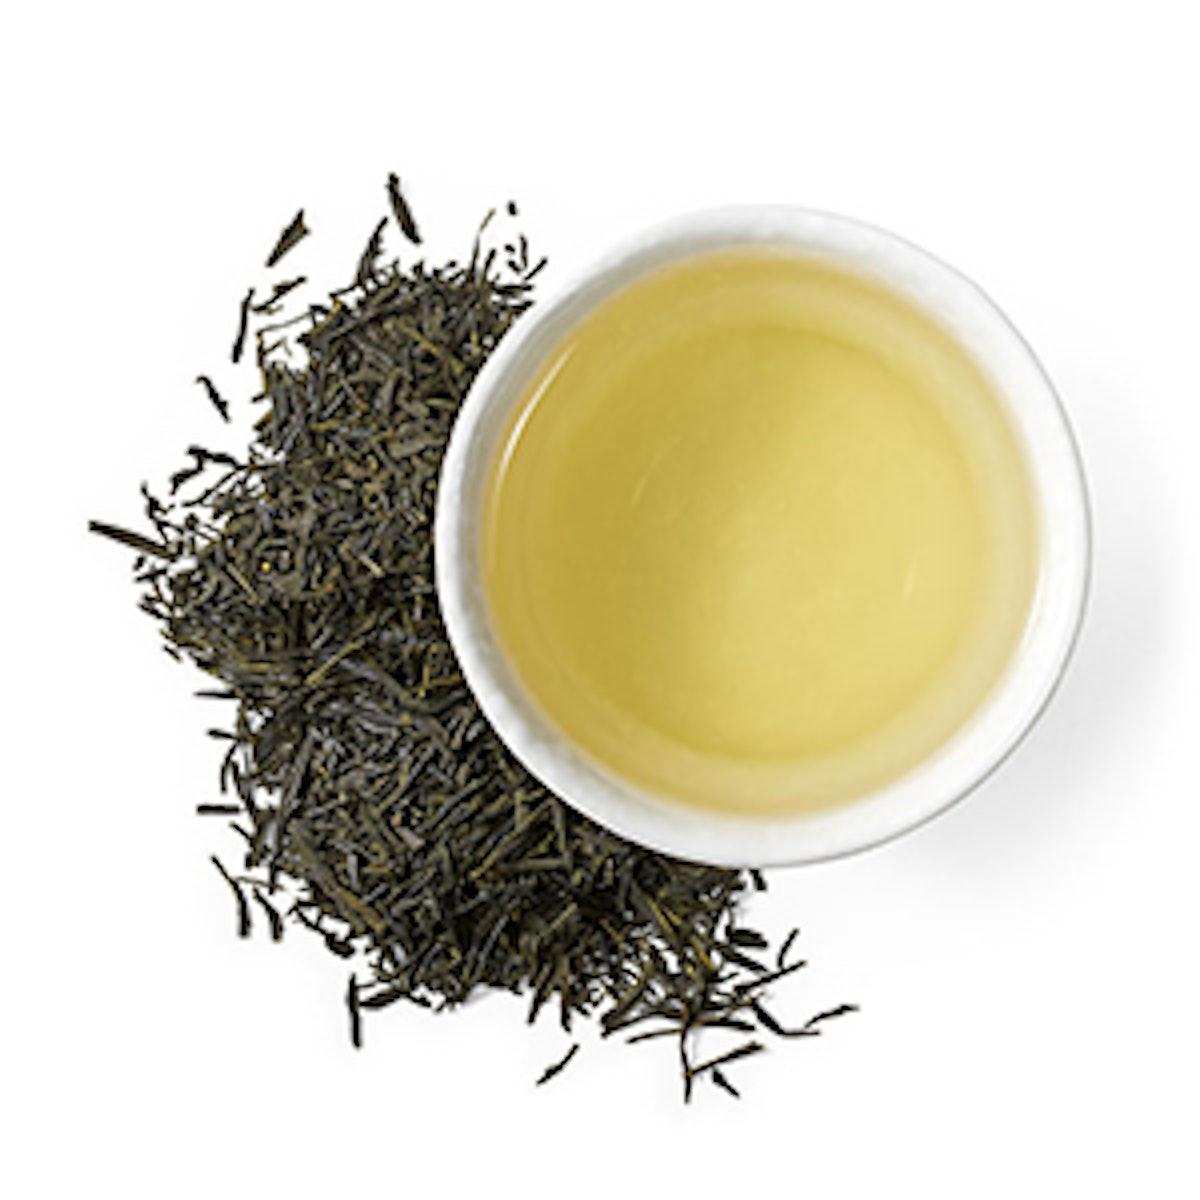 Gyokuro Imperial Green Tea